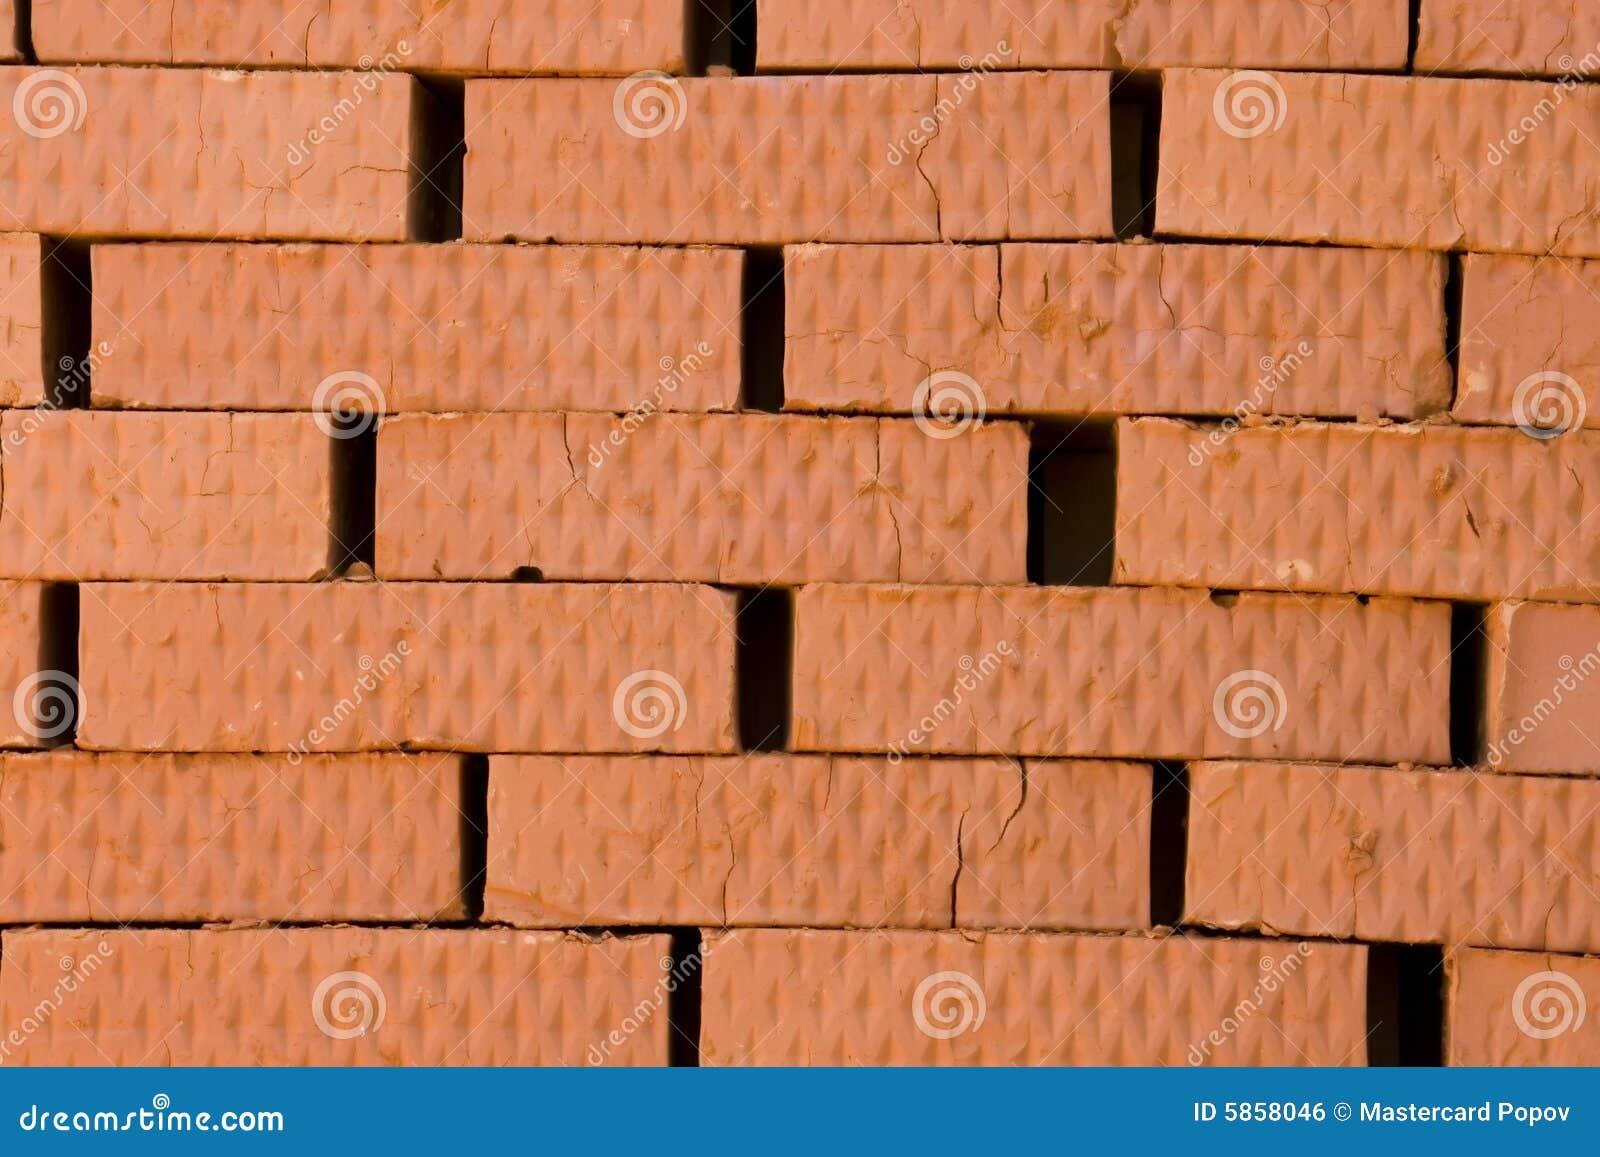 rote ziegelsteine stockfoto bild von stapeln vollenden 5858046. Black Bedroom Furniture Sets. Home Design Ideas